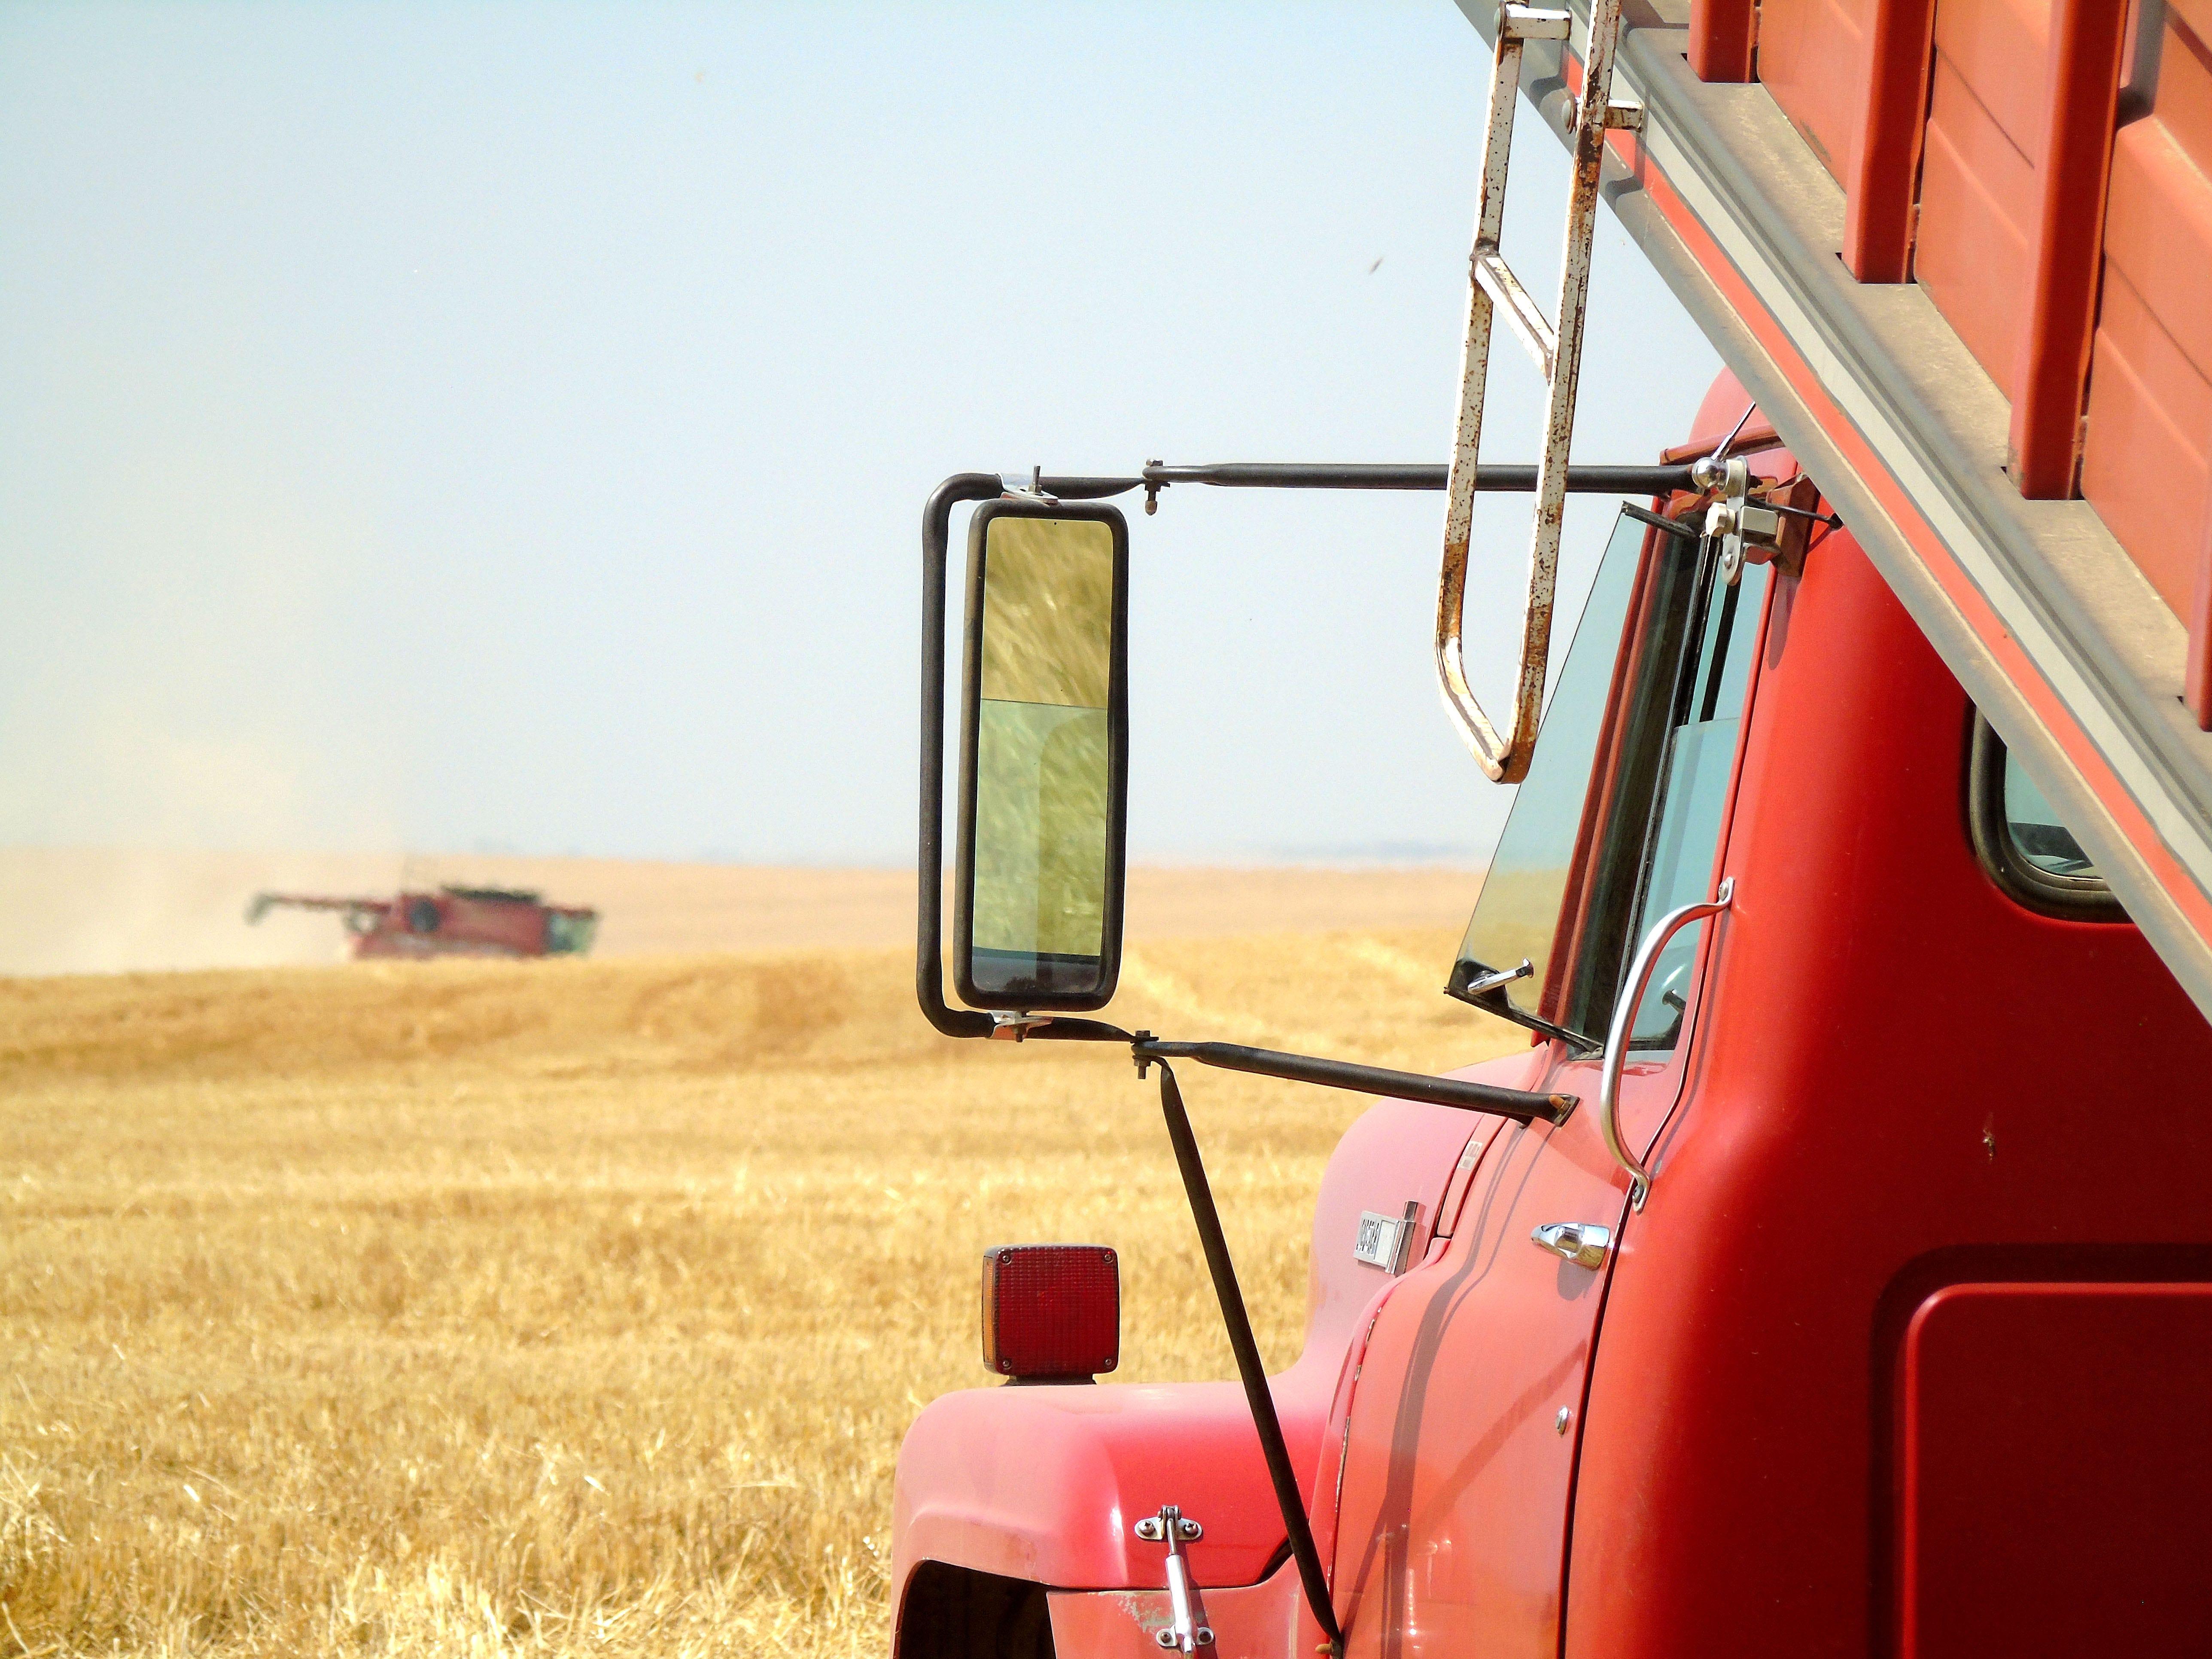 Combines cut winter wheat on Rominger Farms near Floweree.